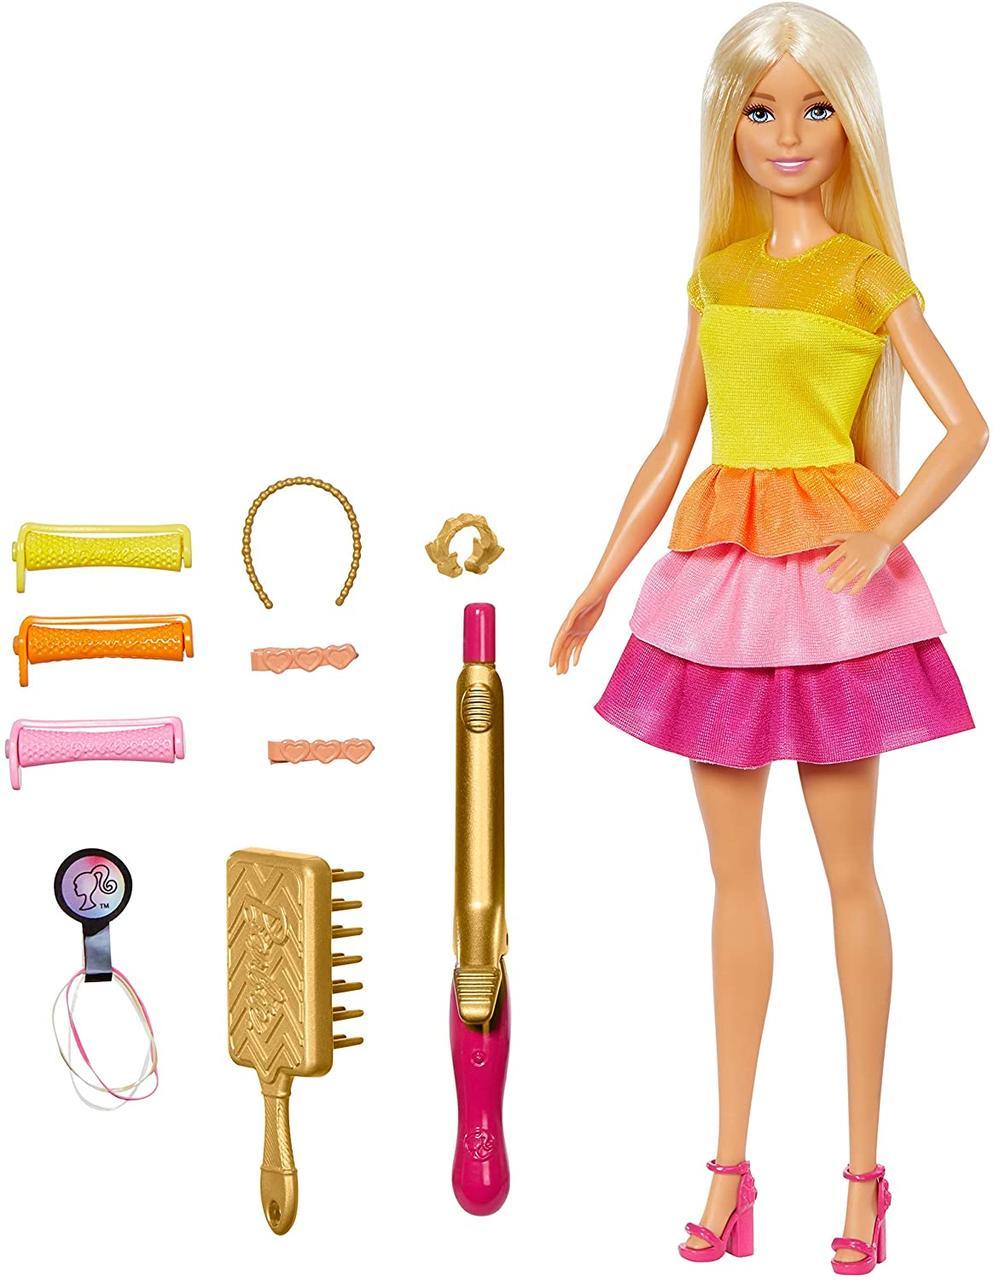 Кукла Барби Невероятные кудри Barbie